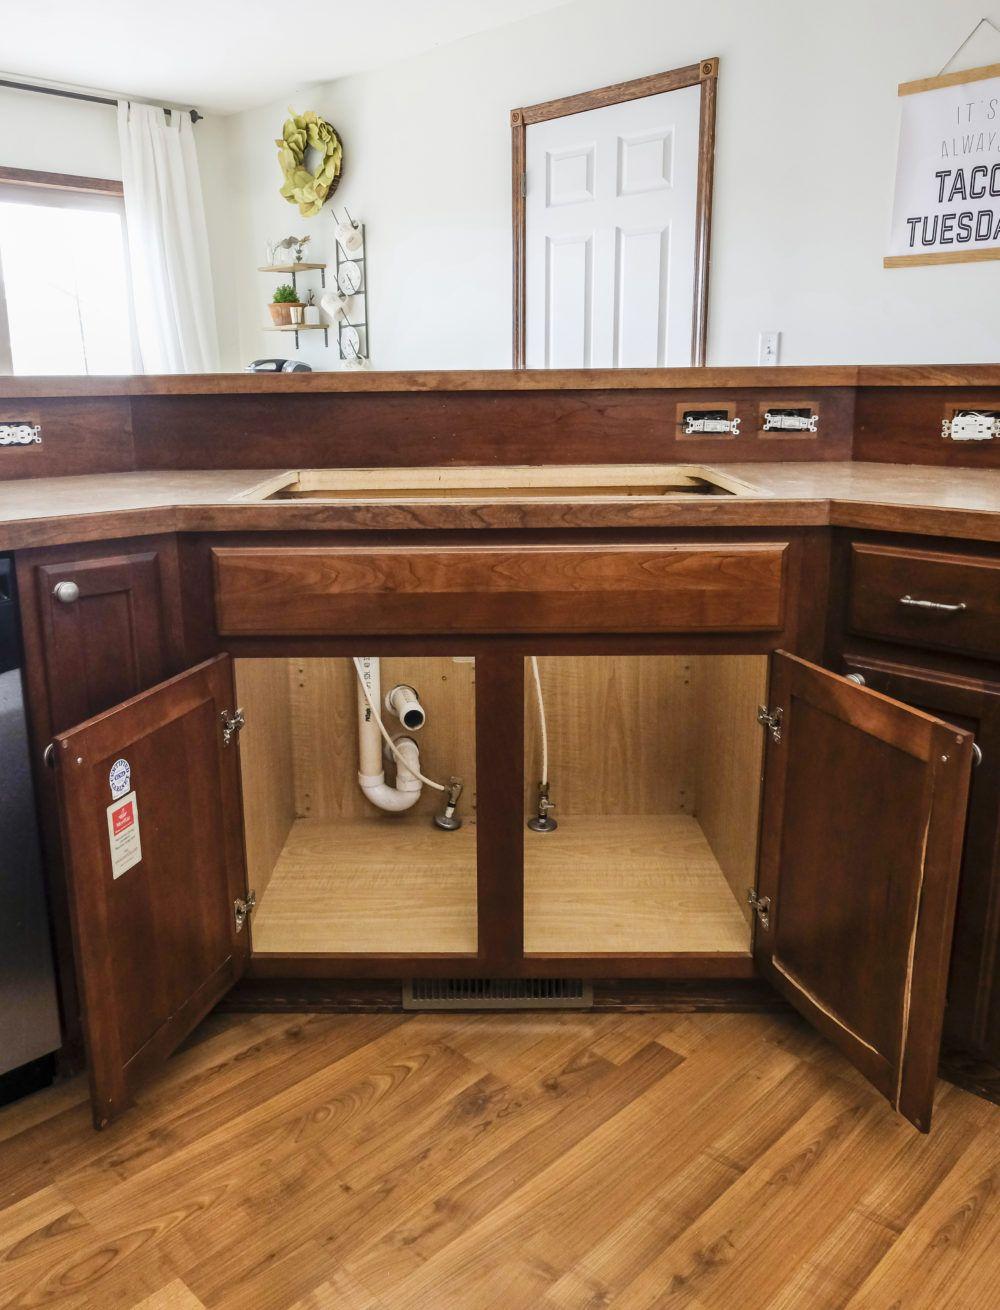 Diy Farmhouse Sink Installation Sink Diy Kitchen How